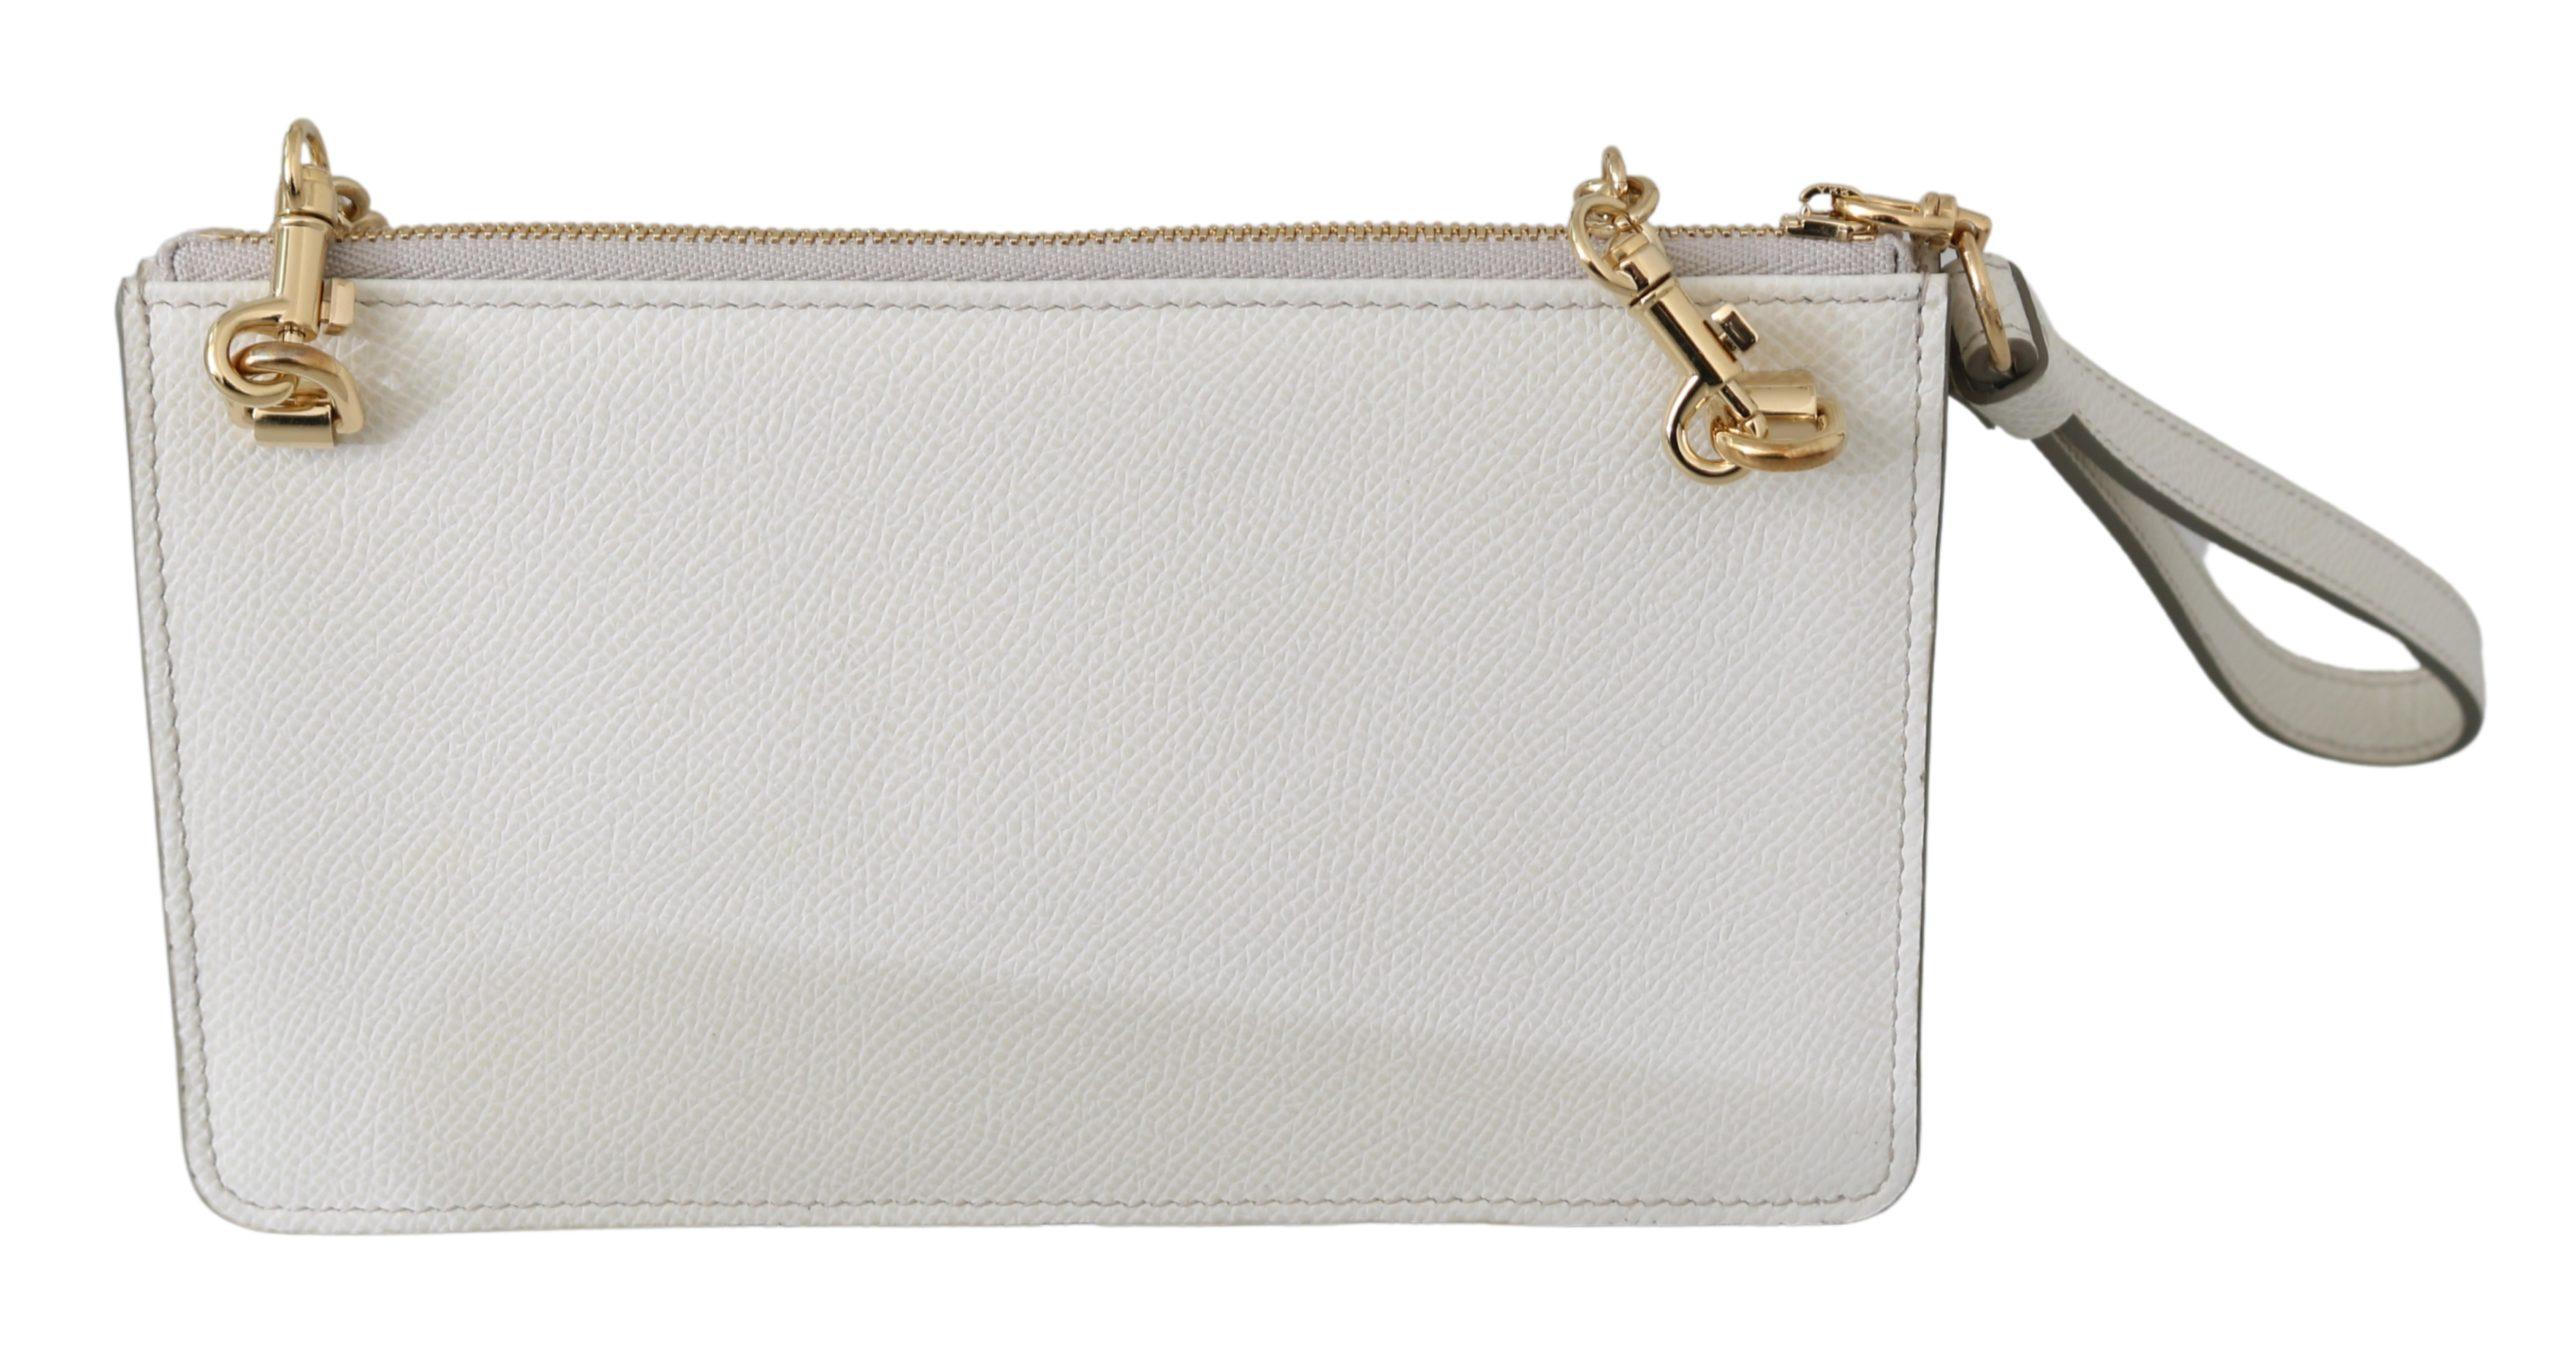 Dolce & Gabbana Women's Padlock Sicily Shoulder Bag White 8059226247661